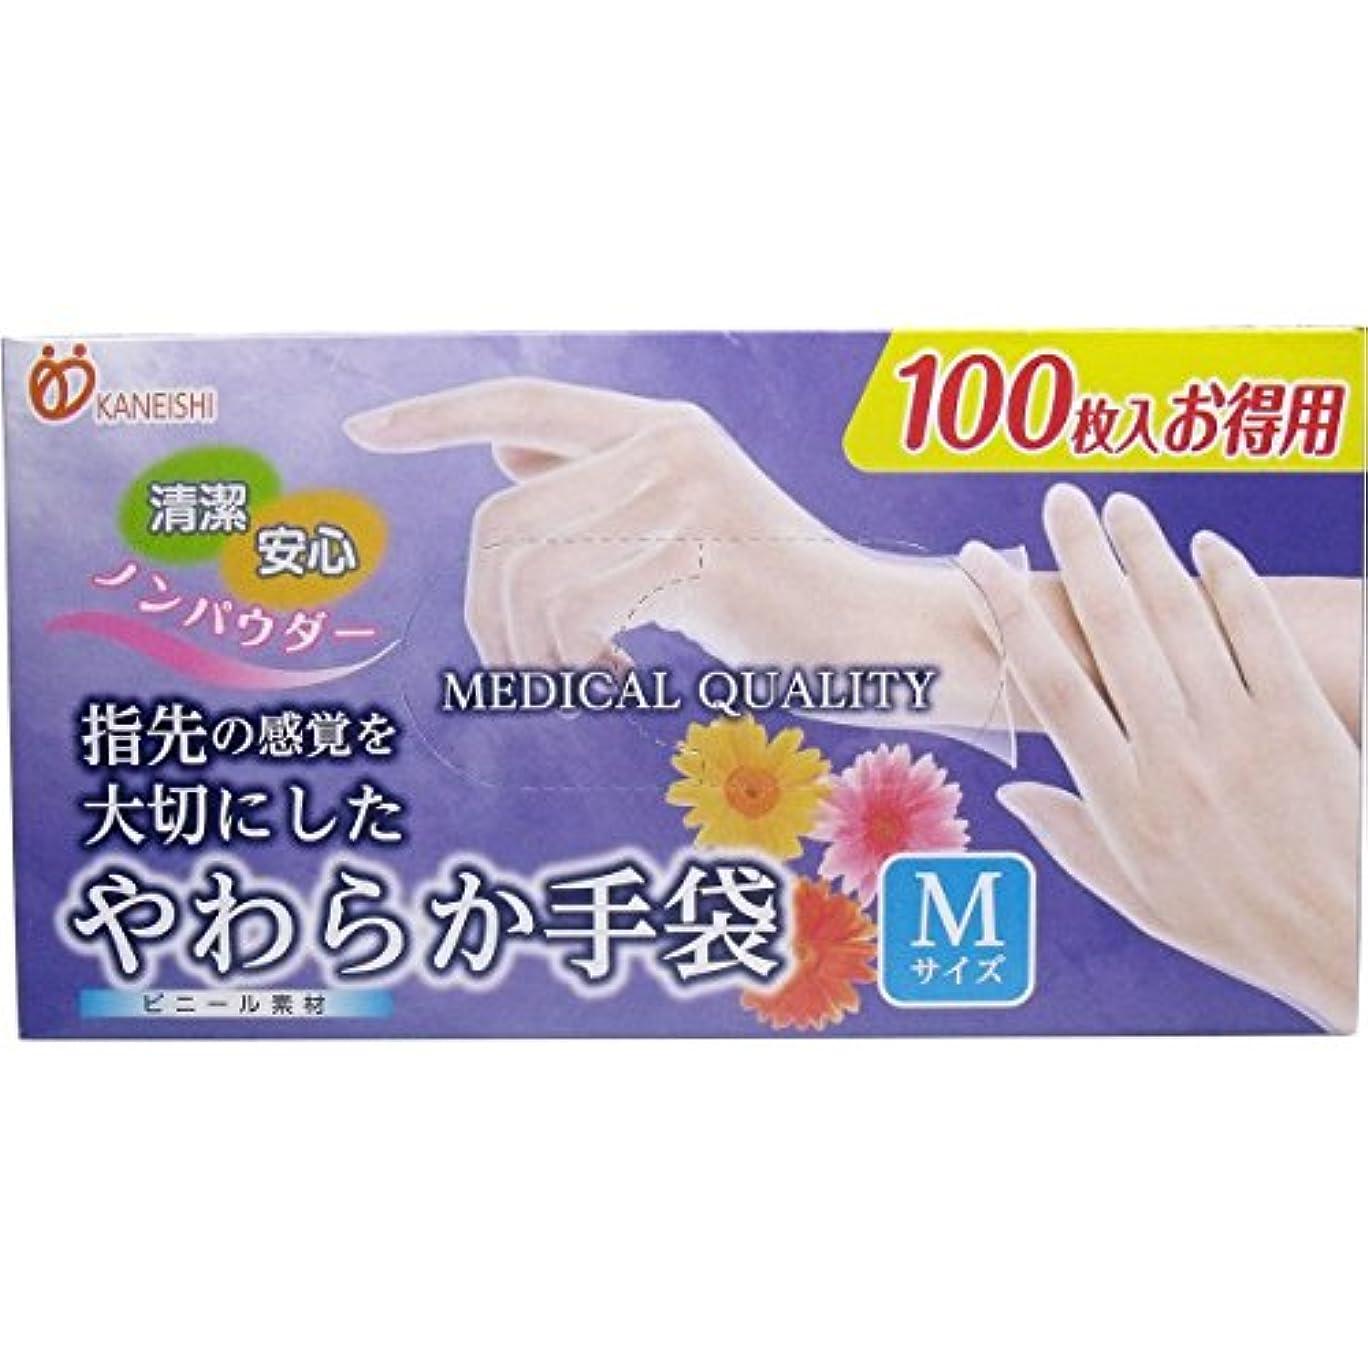 シェア発明おばさんやわらか手袋 ビニール素材 Mサイズ 100枚入x9